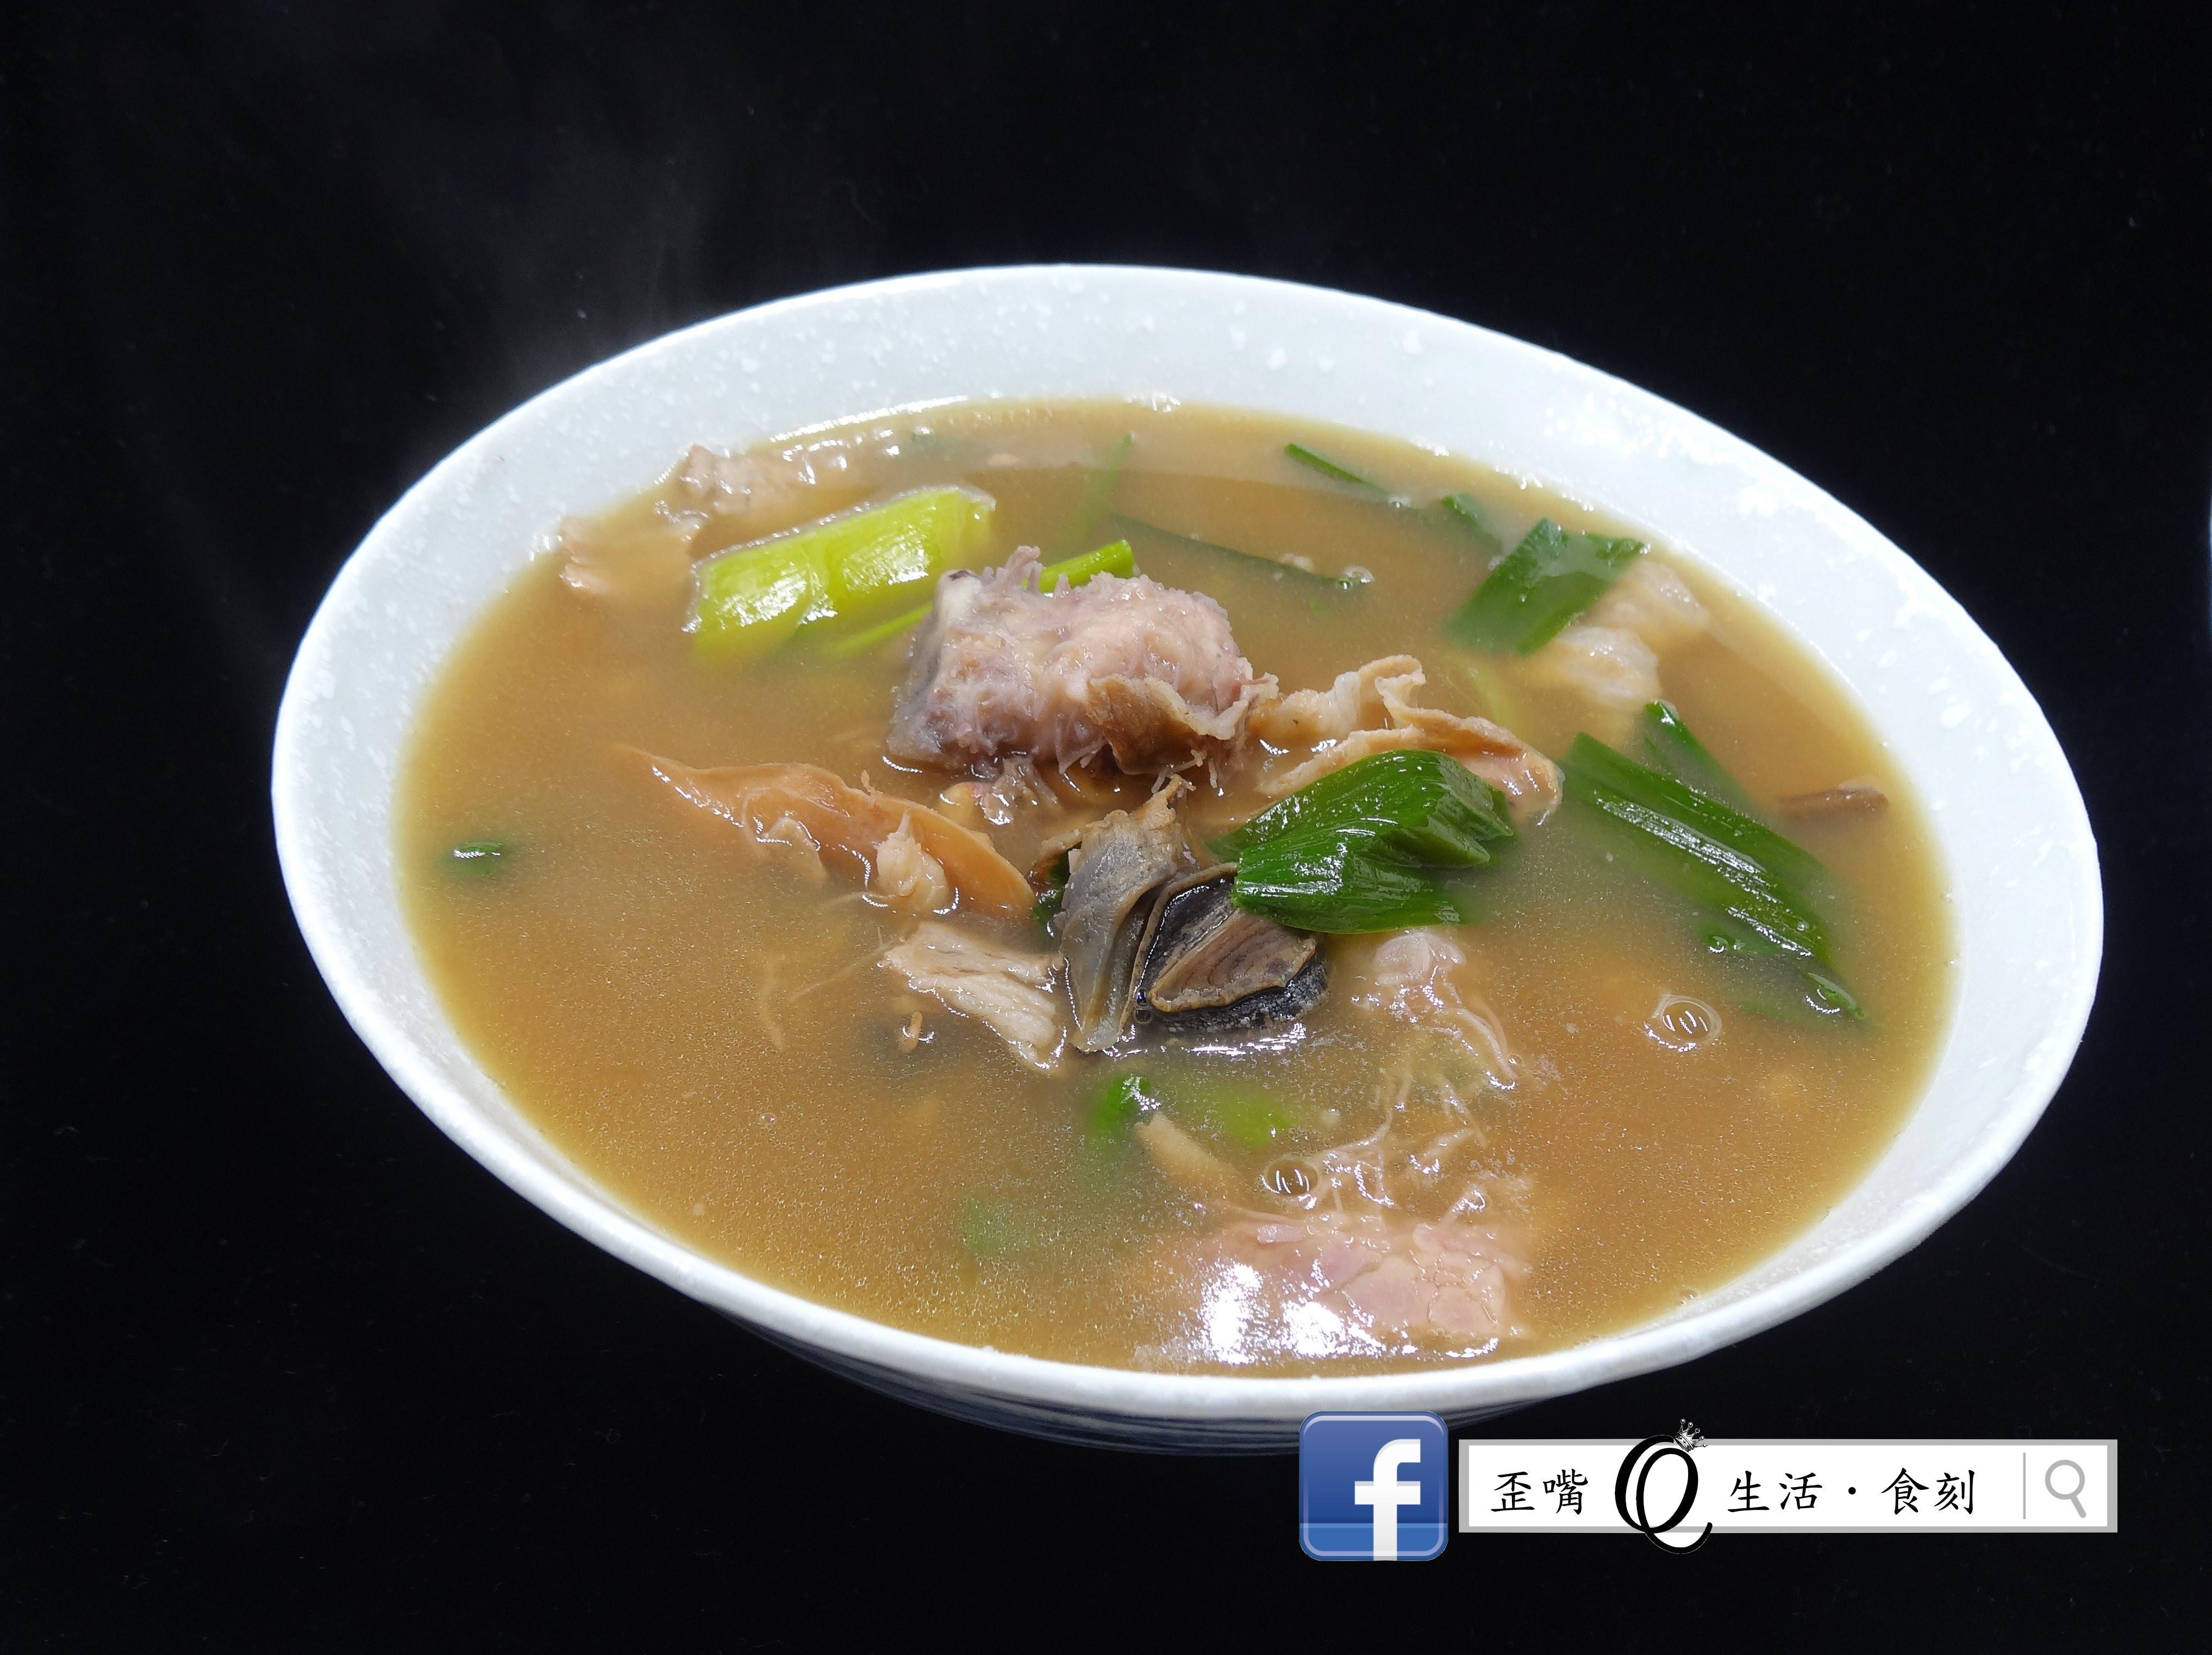 [鑄鐵鍋][古早味酒家菜]魷魚螺肉蒜湯